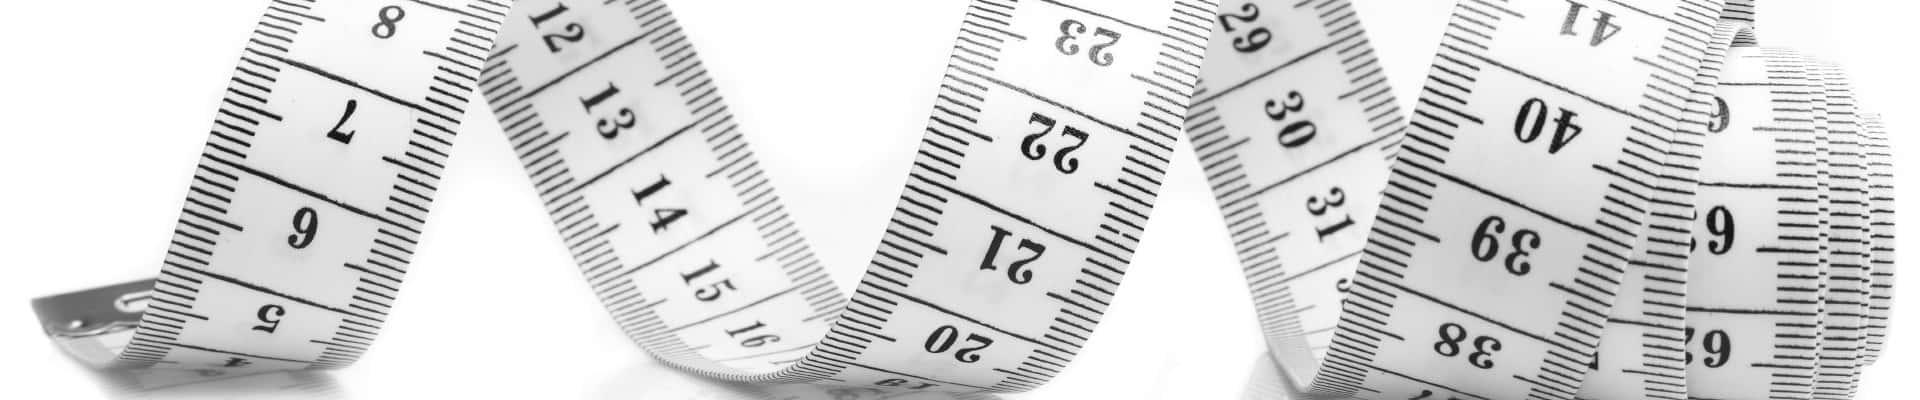 Какие бывают стандартные размеры постельного белья?